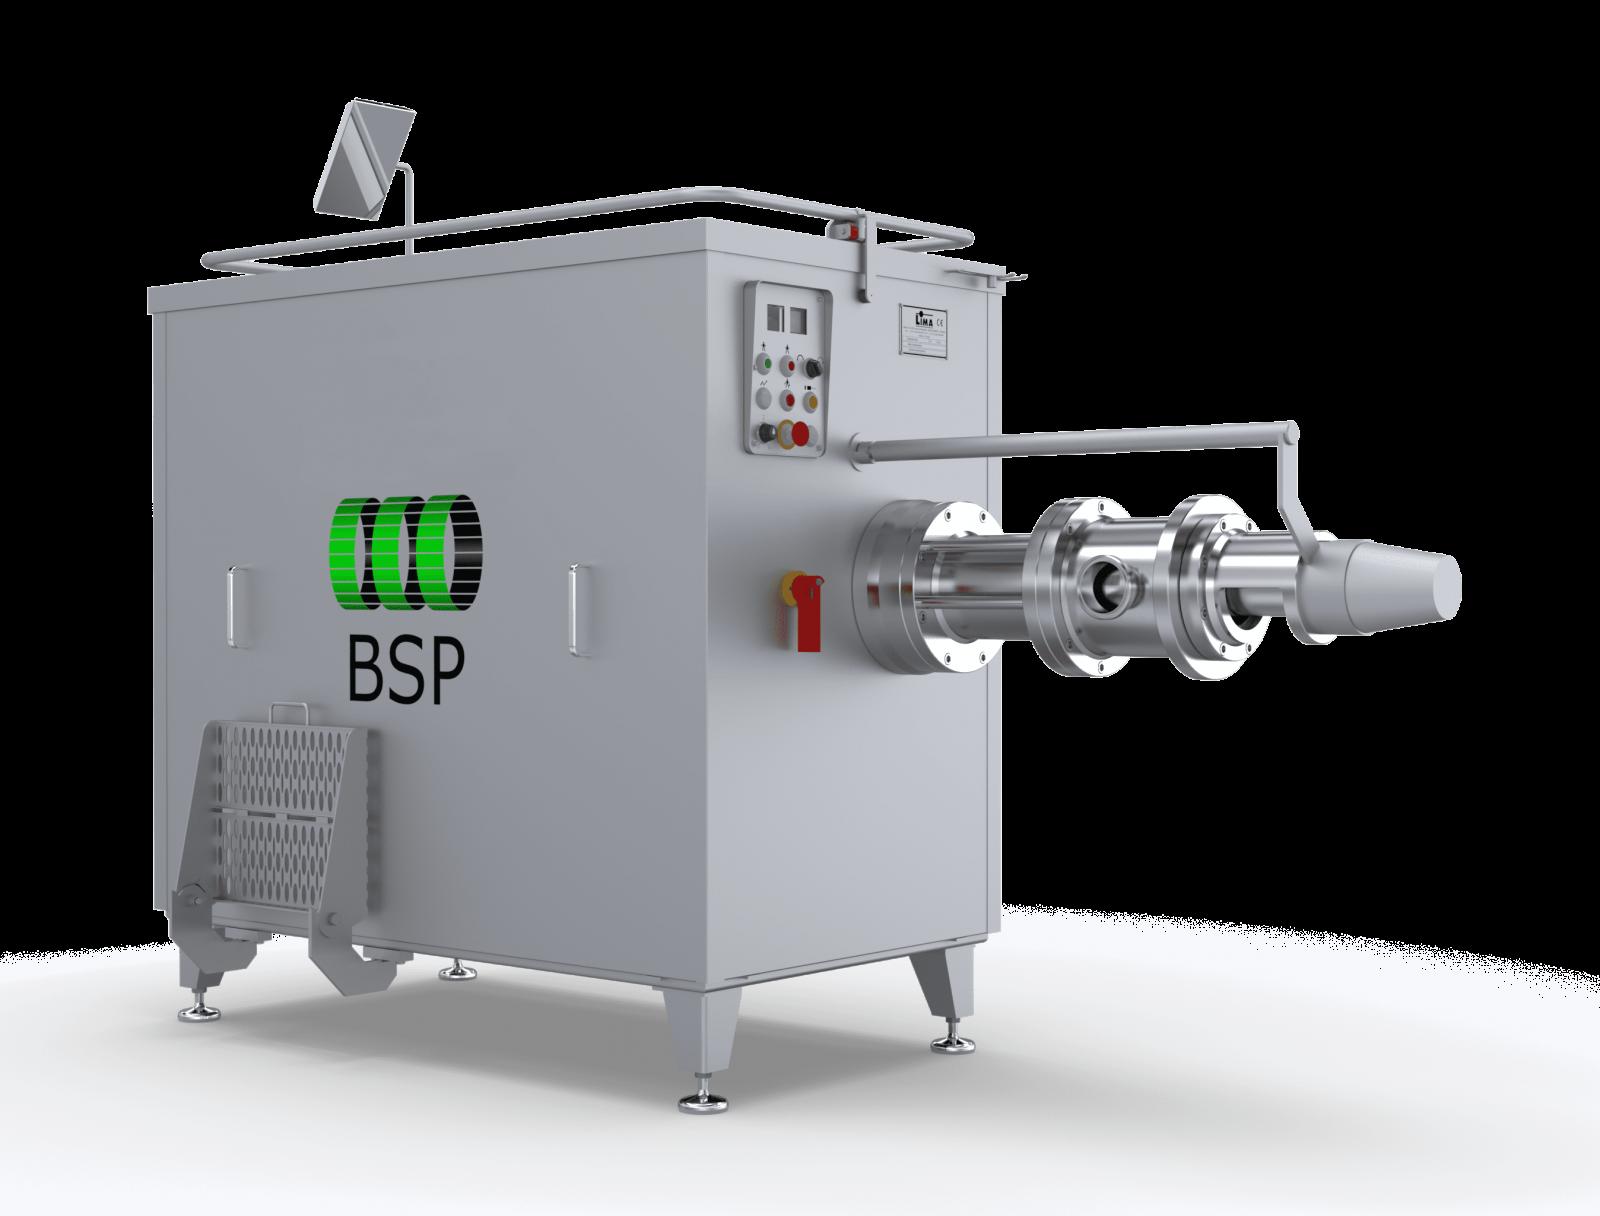 Rindknochen-Fleisch Separatoren BSP & BSPM Baureihe